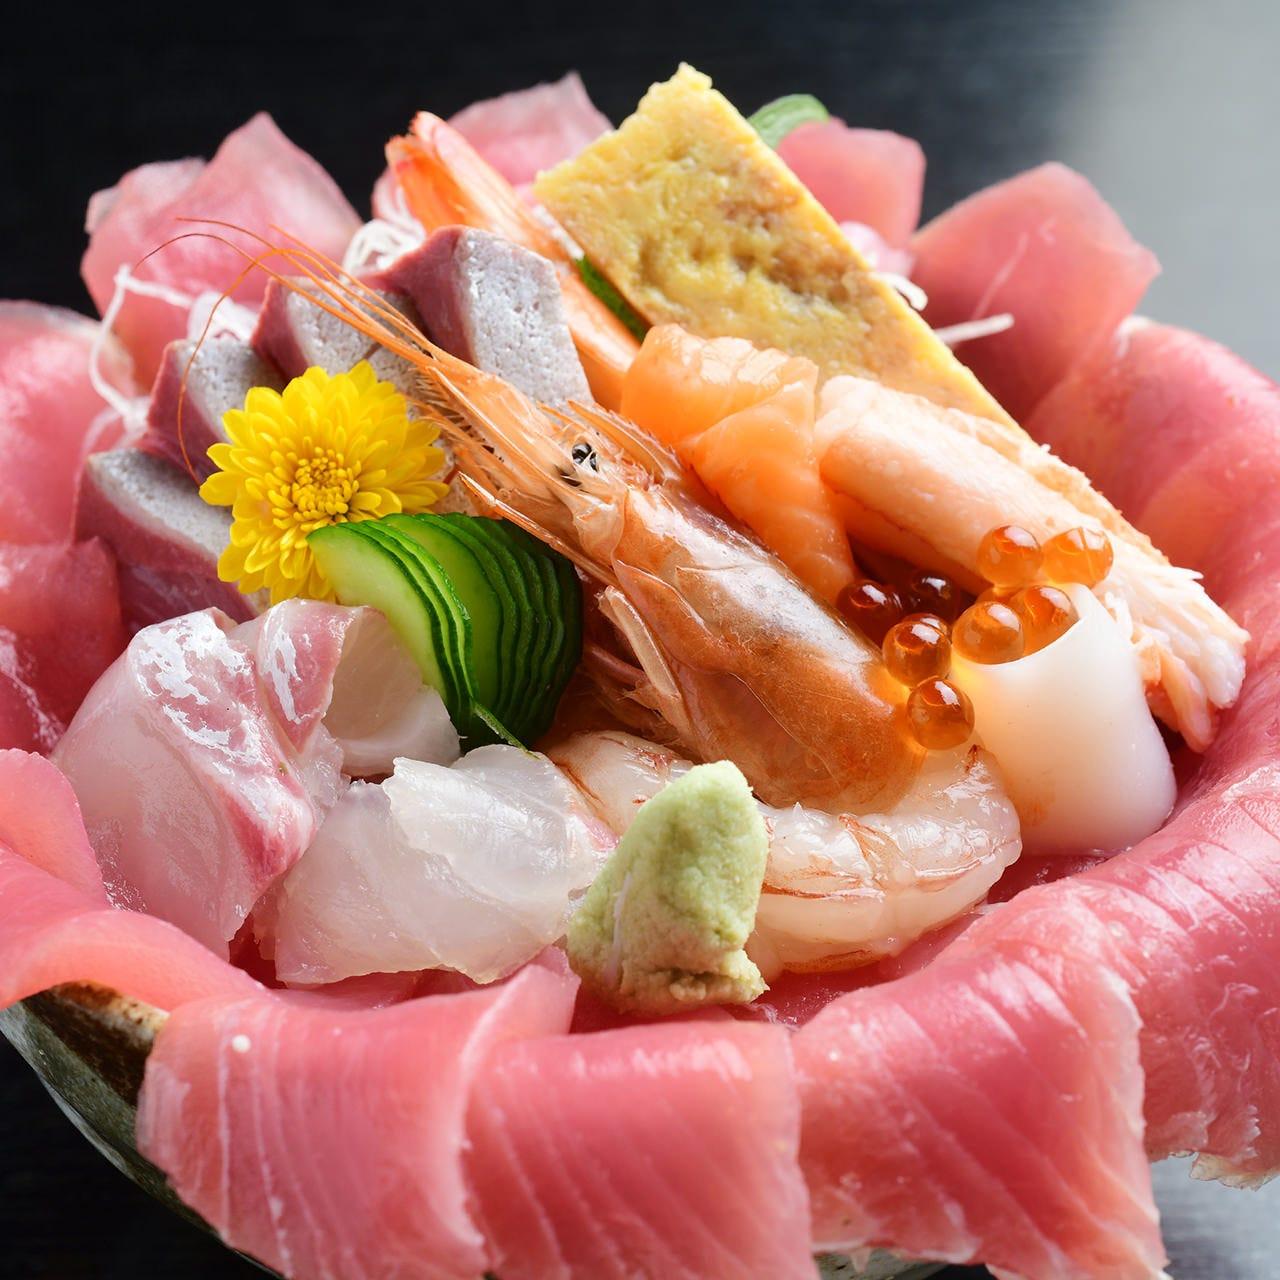 スペシャル海鮮丼、特製すしおススメです♪